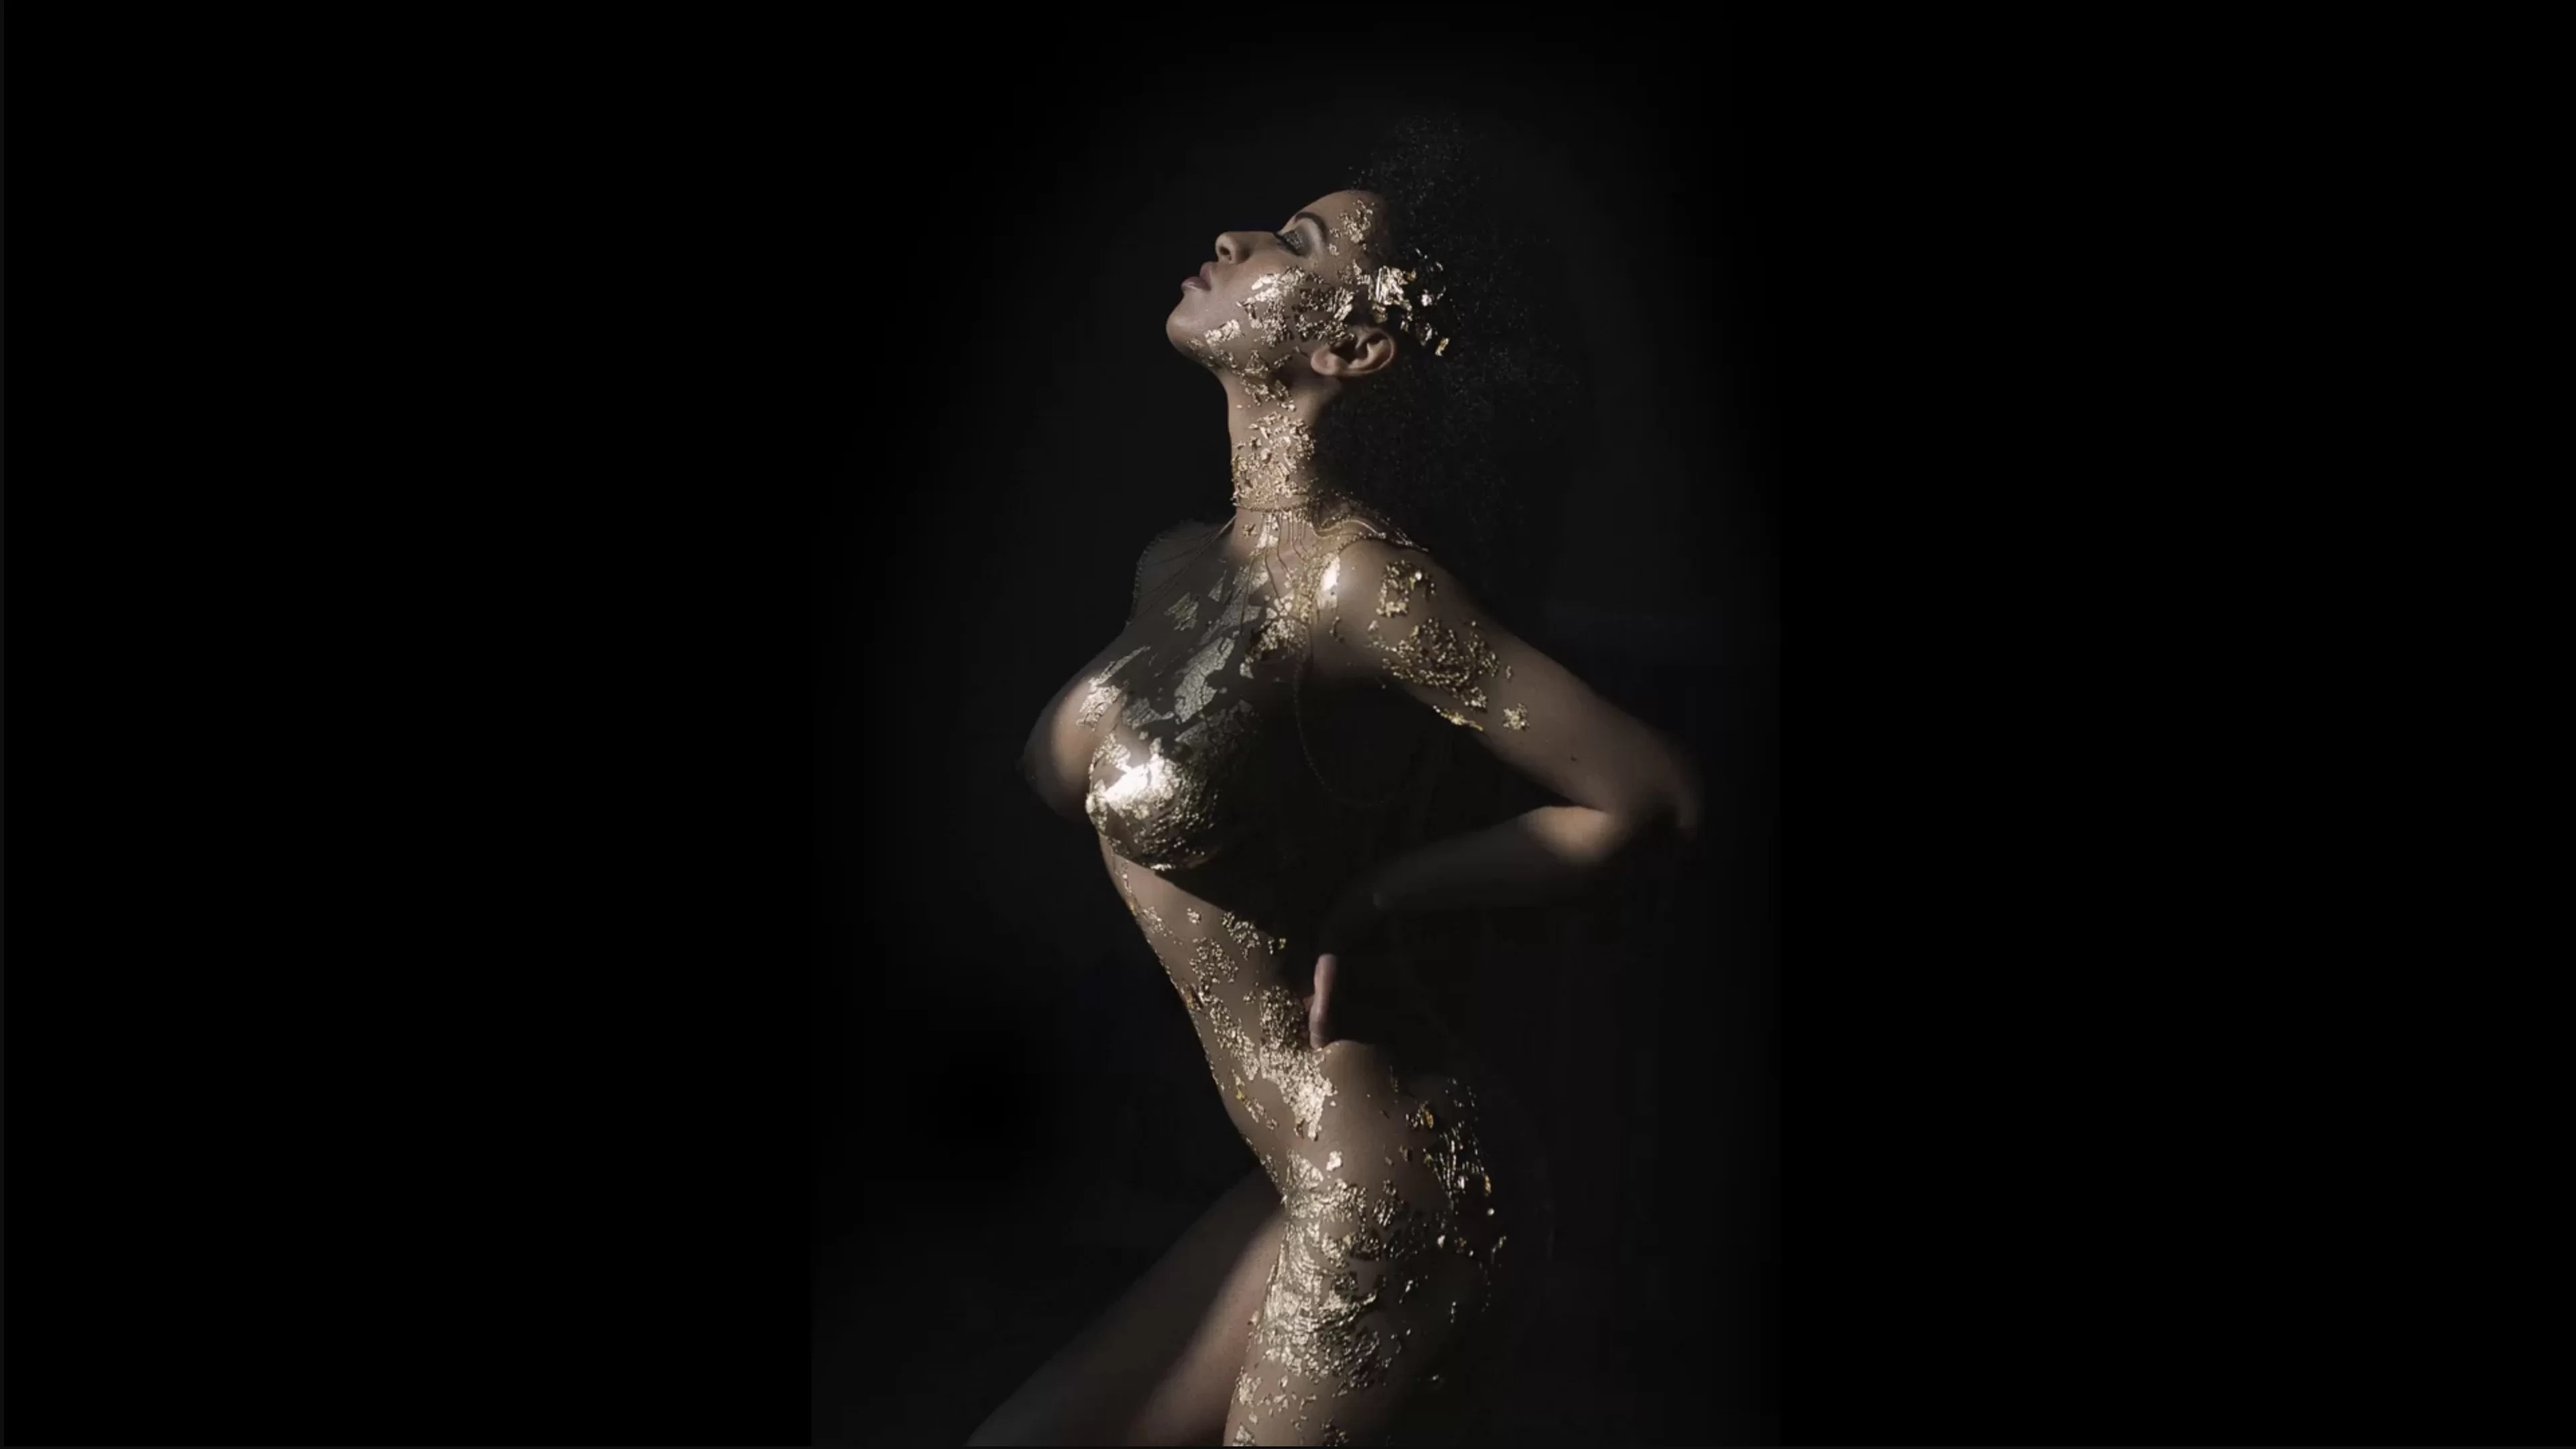 Fotografia-boudoir-web-inicio-4-inicio